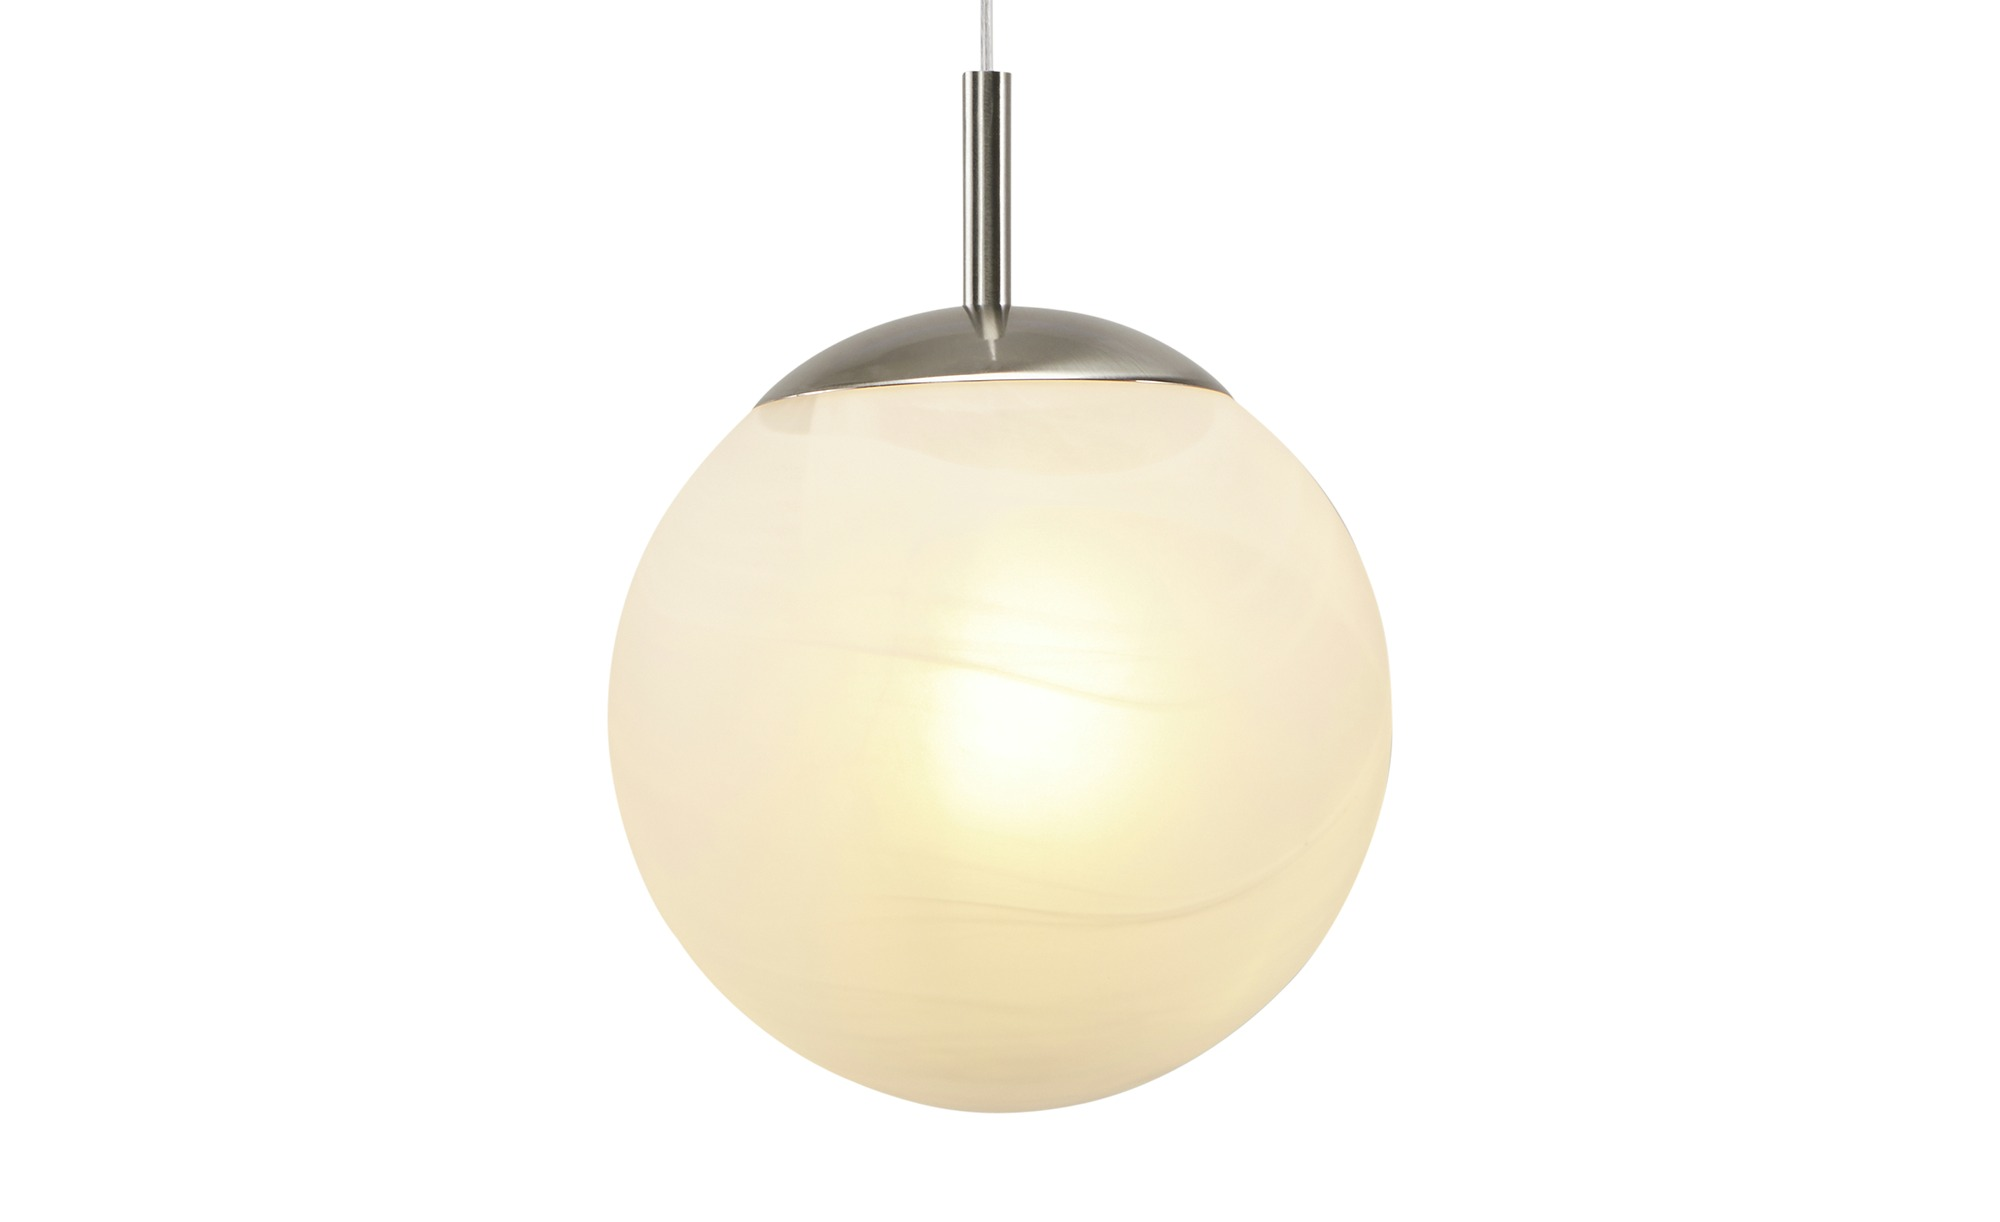 Pendelleuchte, 1-flammig, Kugel Alabaster weiß ¦ weiß ¦ Maße (cm): H: 100 Ø: 25 Lampen & Leuchten > Innenleuchten > Pendelleuchten - Höffner